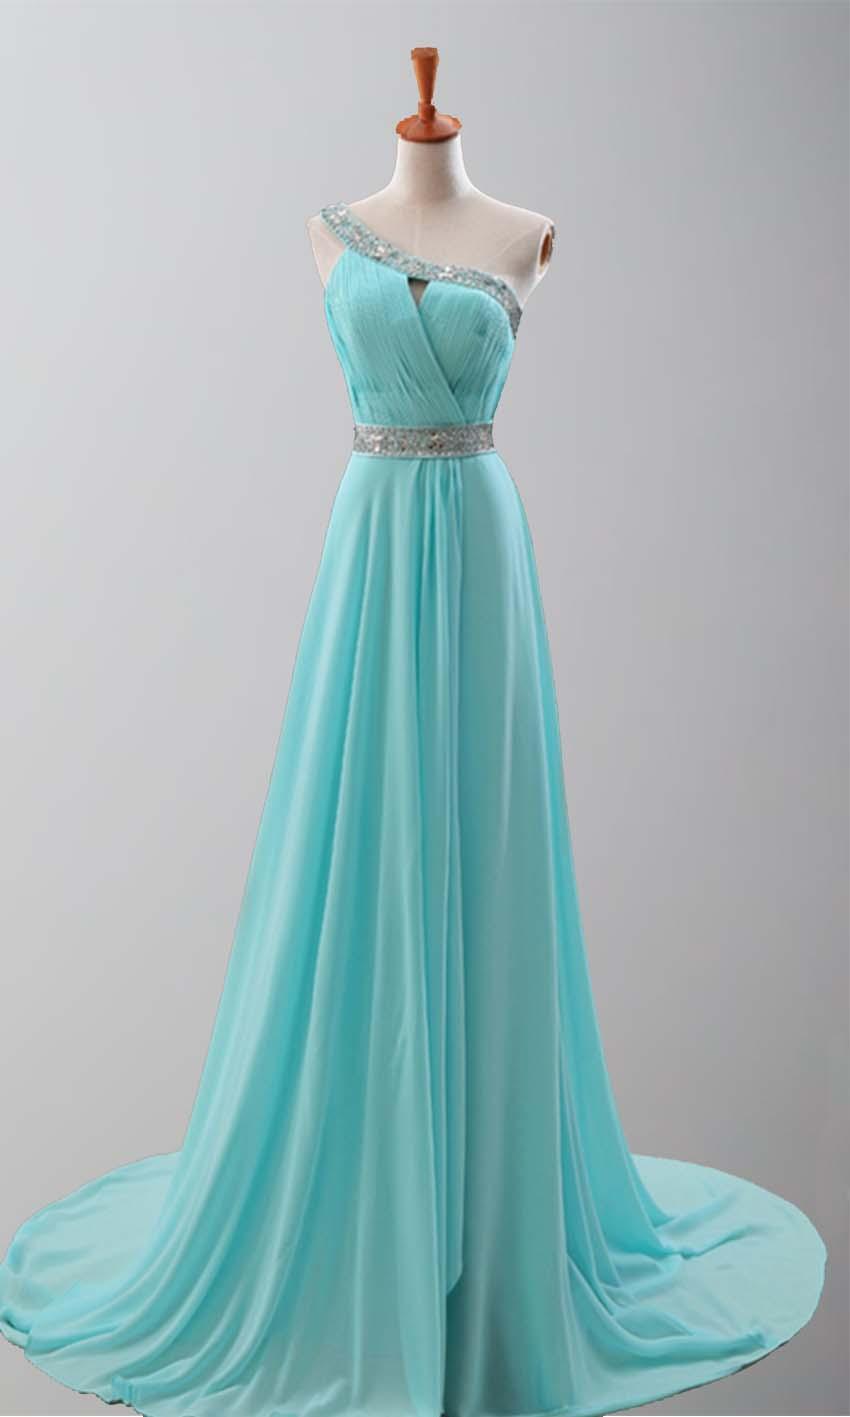 Goddess Teal Train One Shoulder Prom Dresses KSP251 [KSP251 ...